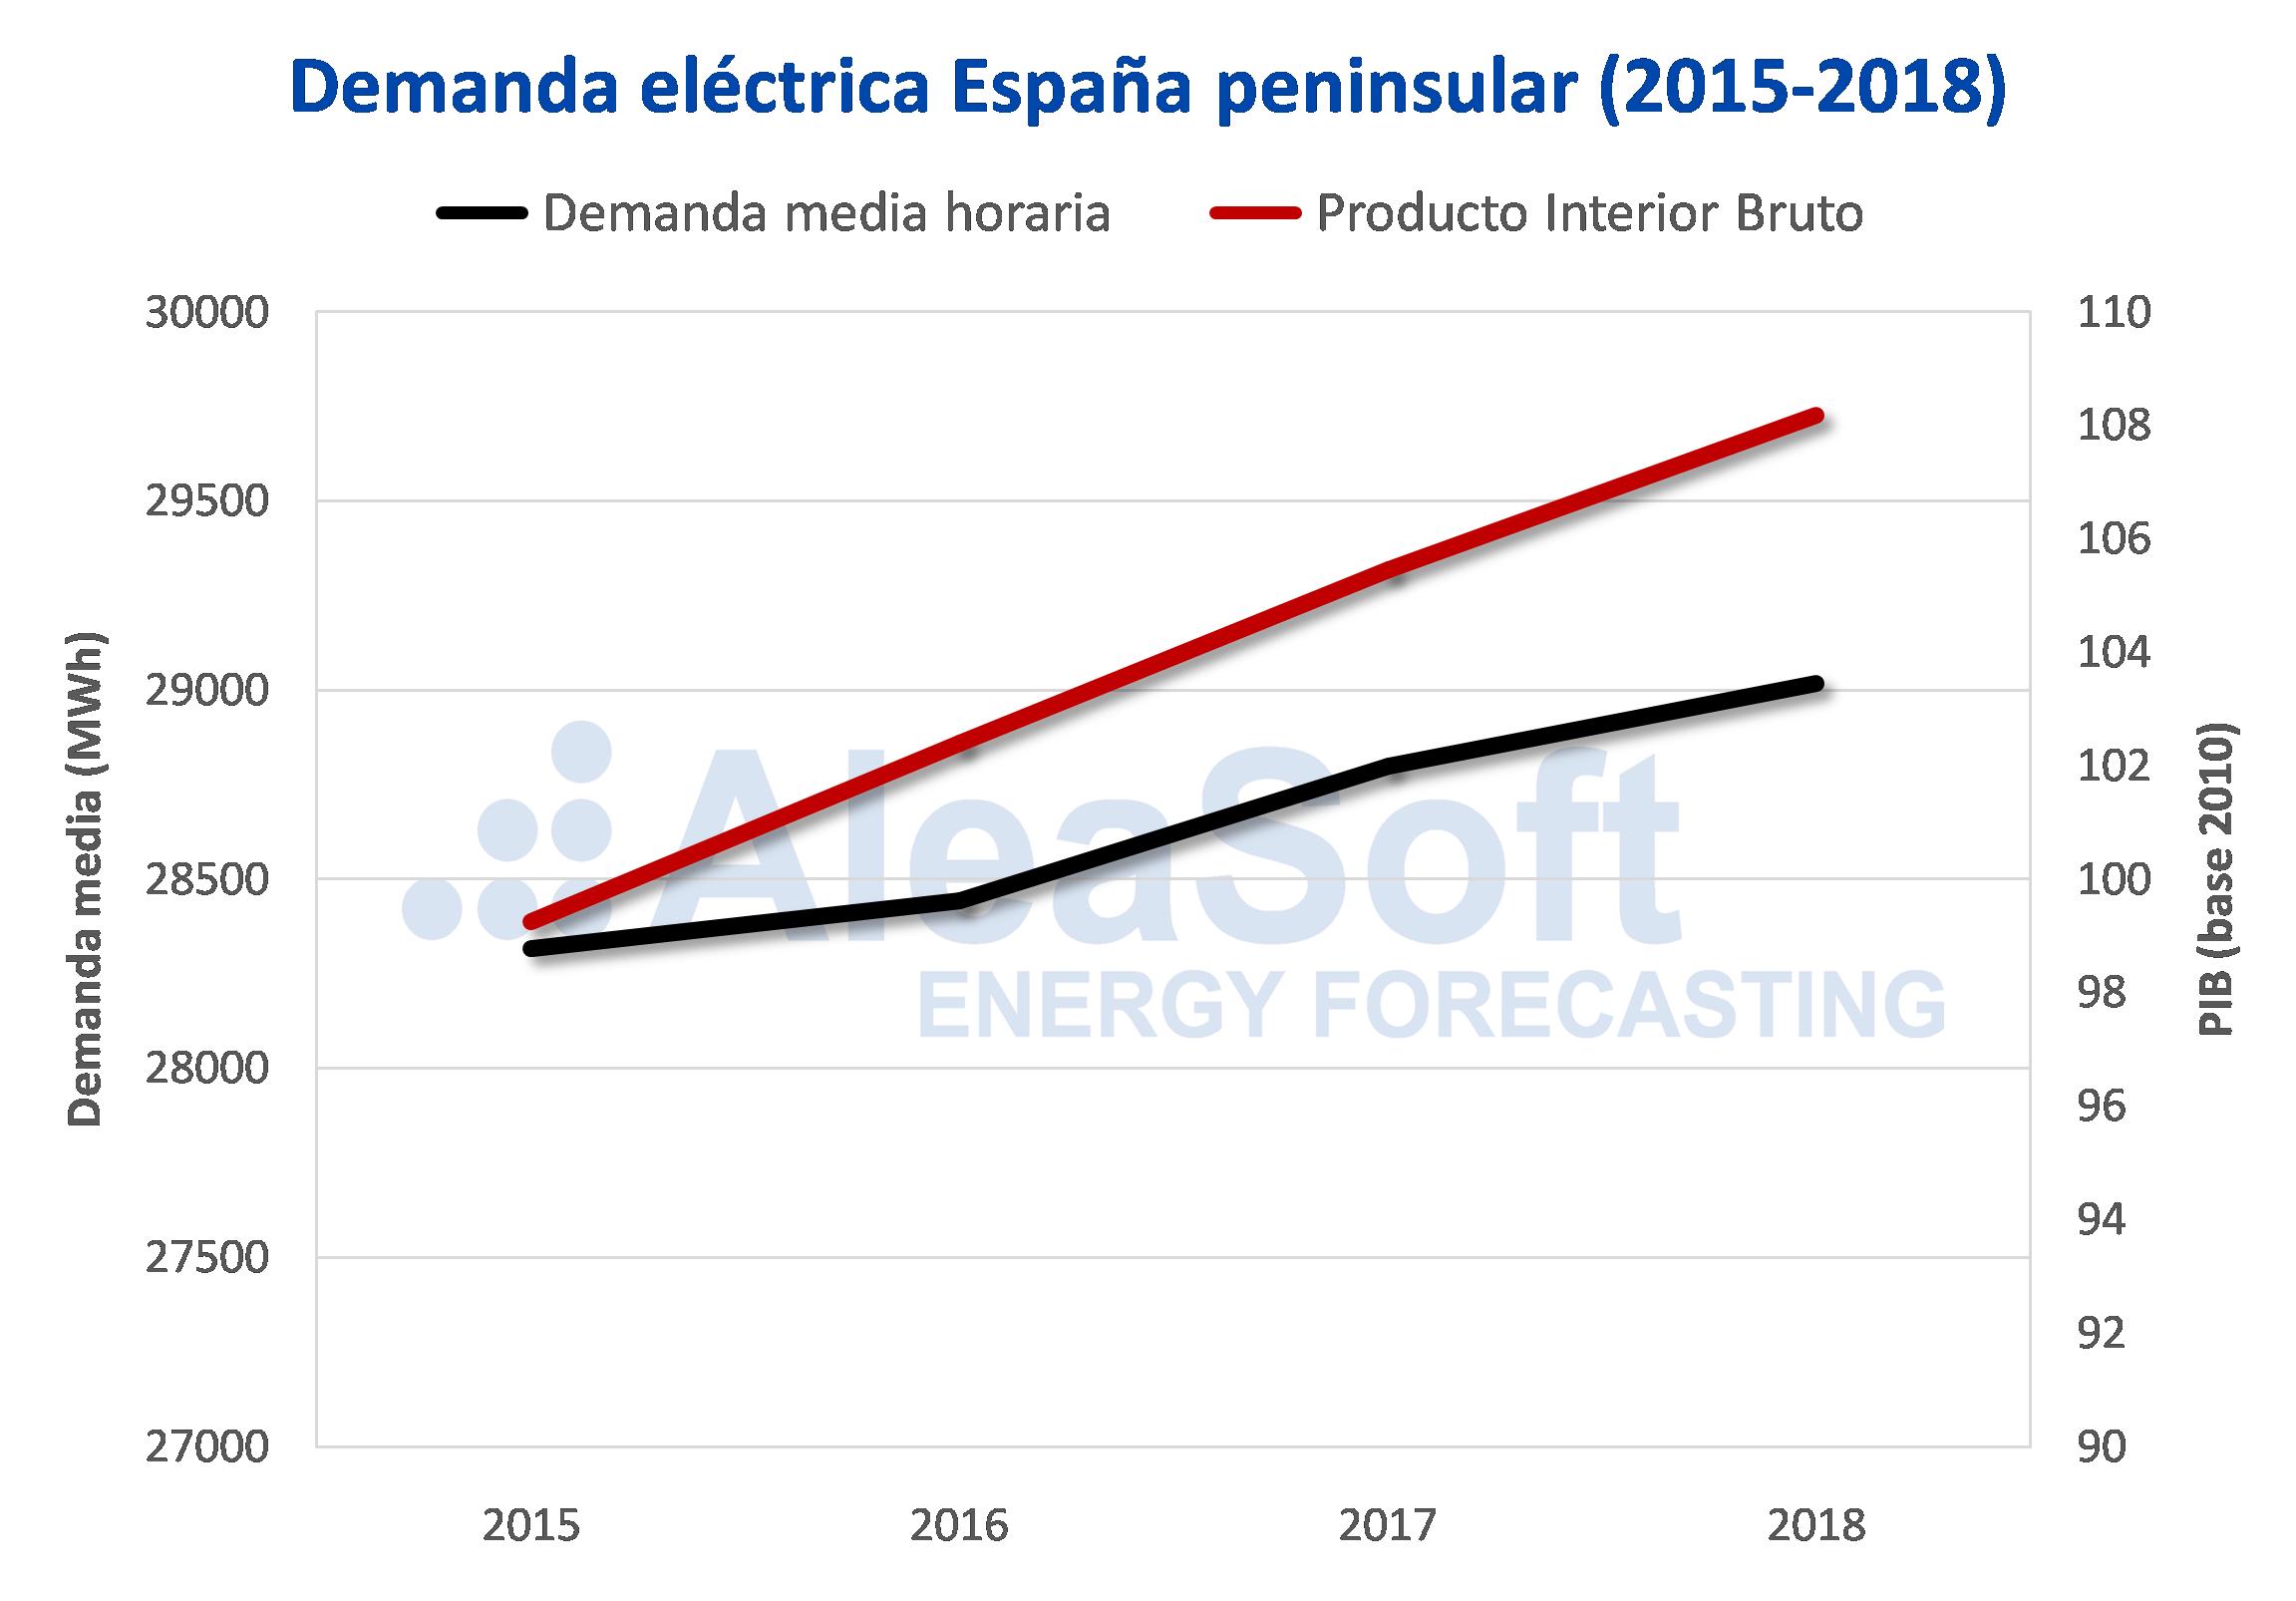 AleaSoft - Demanda electricidad PIB España 2015-2018